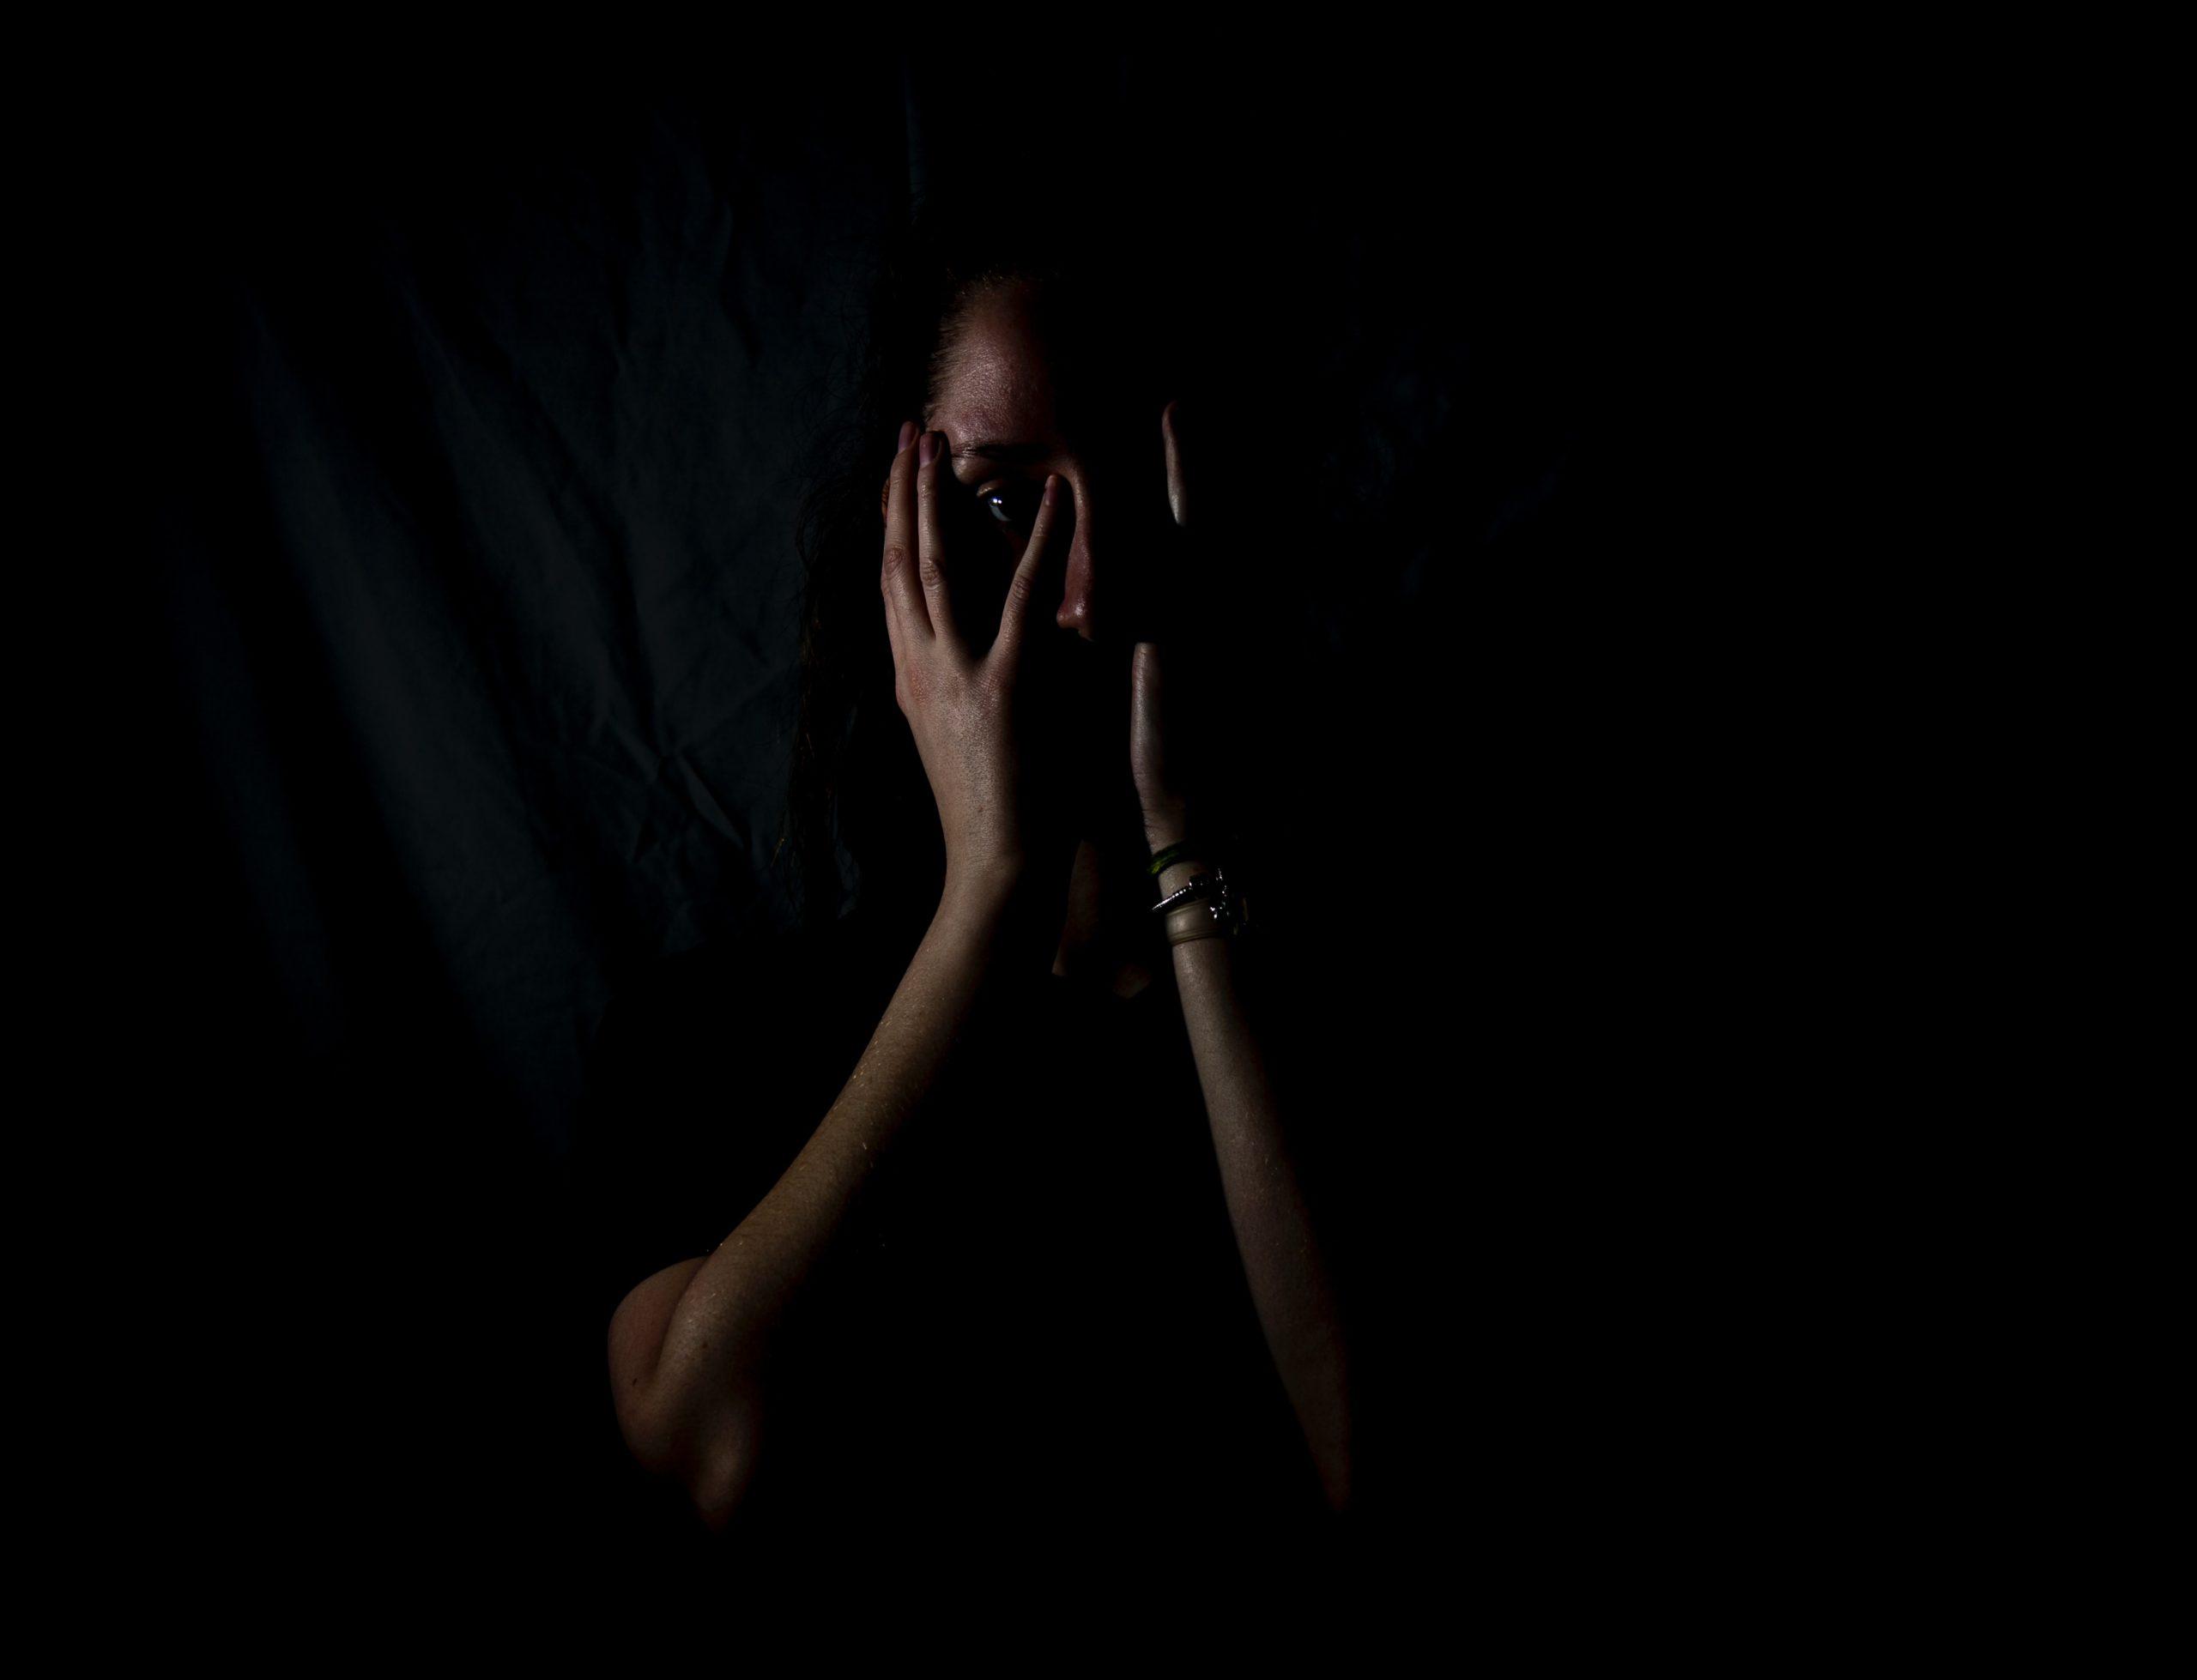 催眠に対する恐怖を取り除く方法